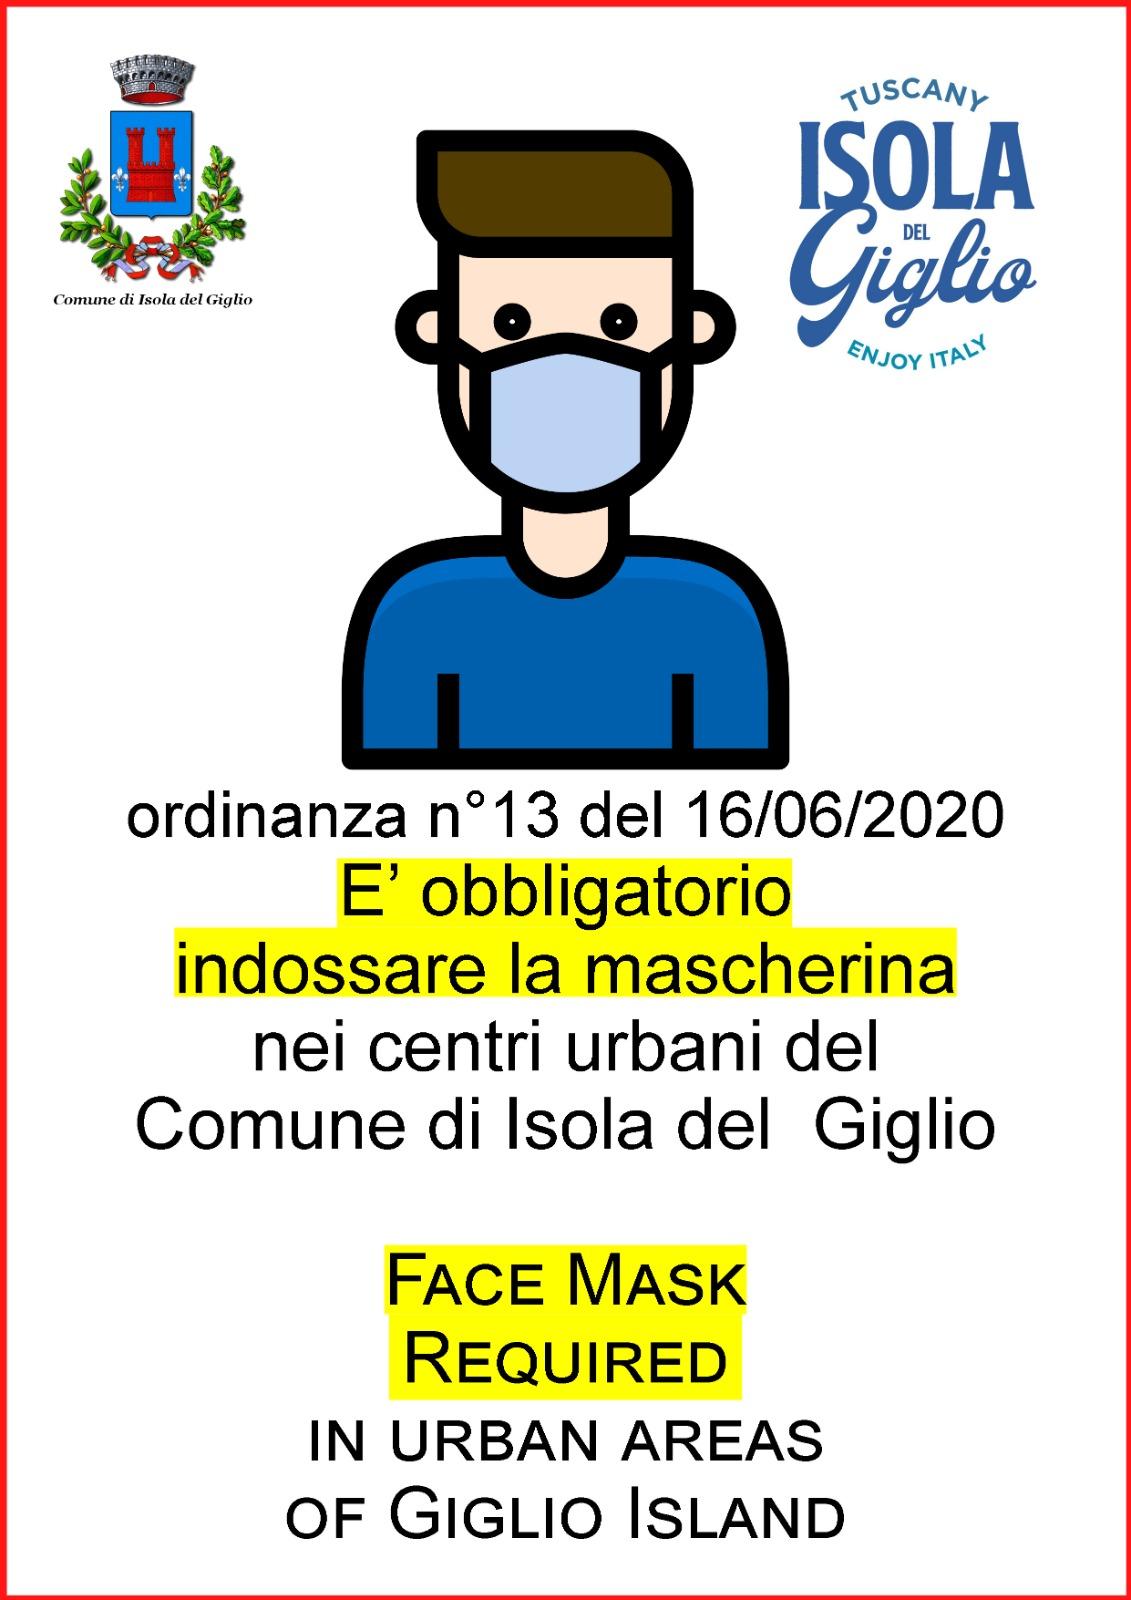 locandina ordinanza mascherine comune isola del giglio giglionews